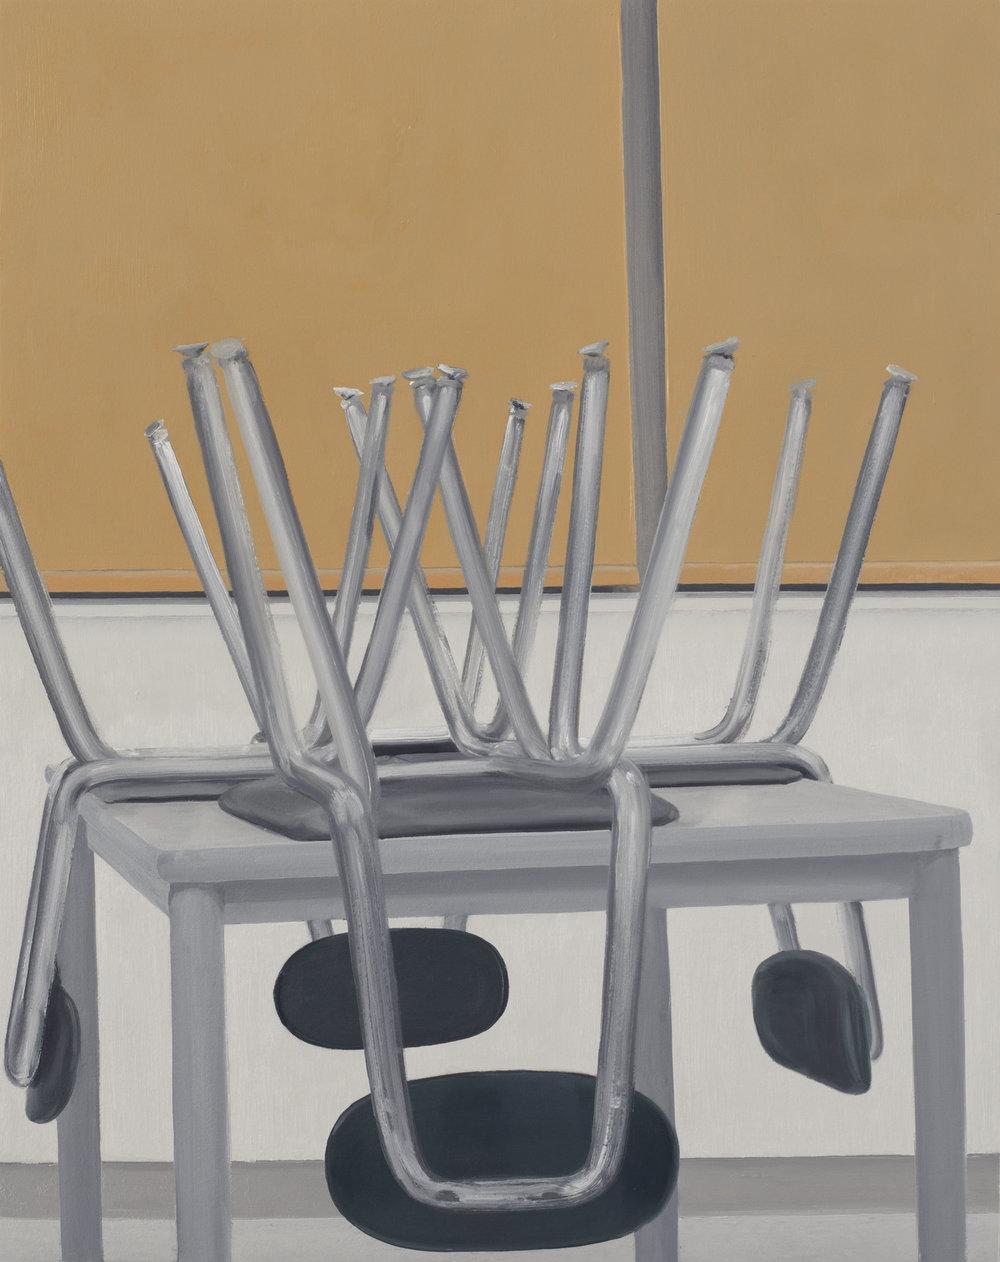 2018 20x16 chairs.jpg